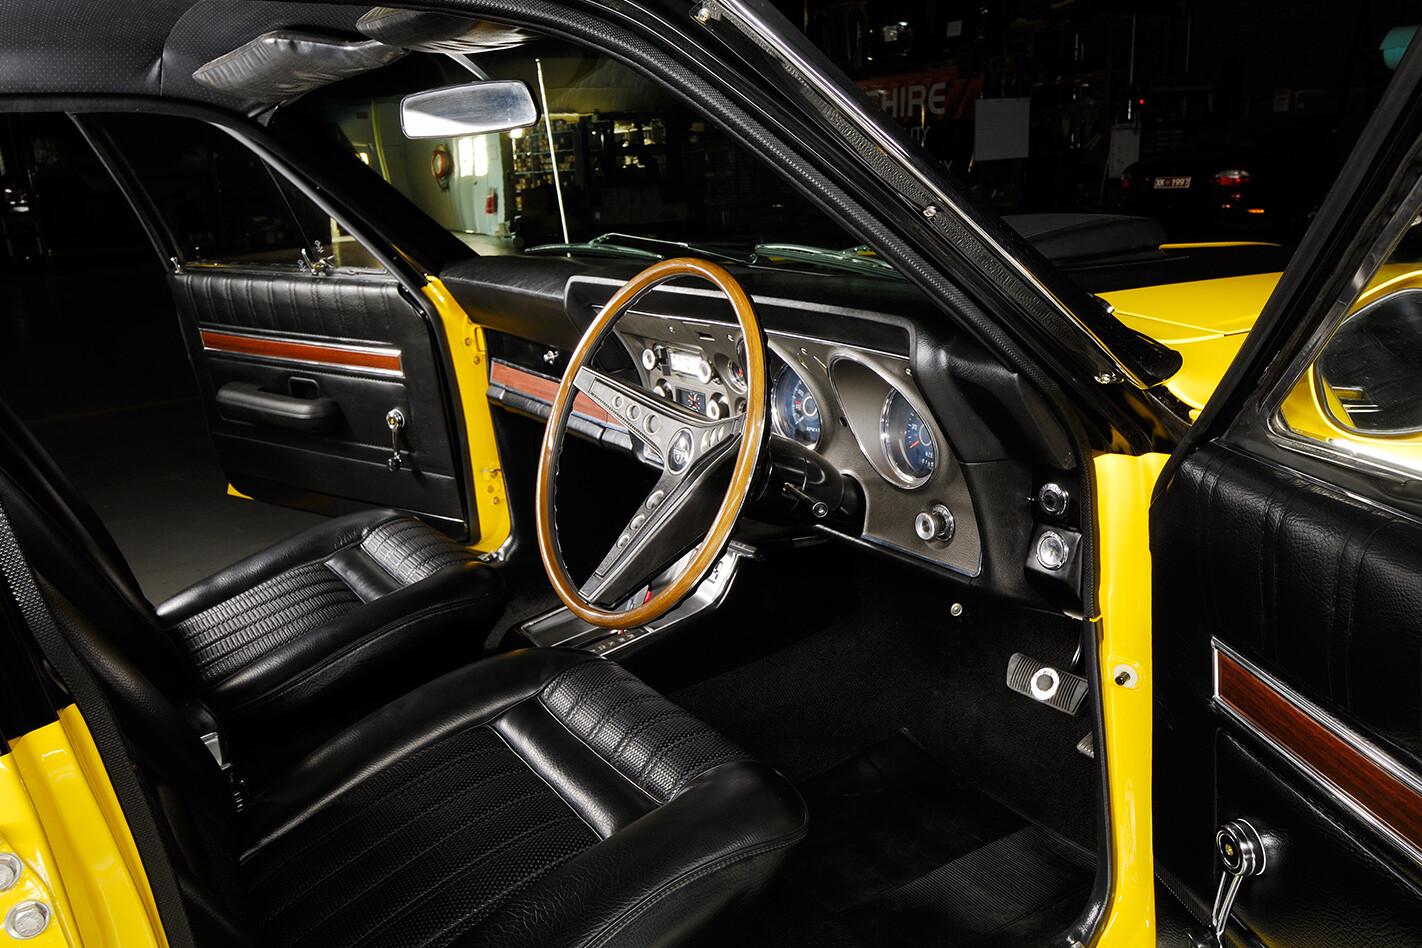 Ford Falcon XY interior